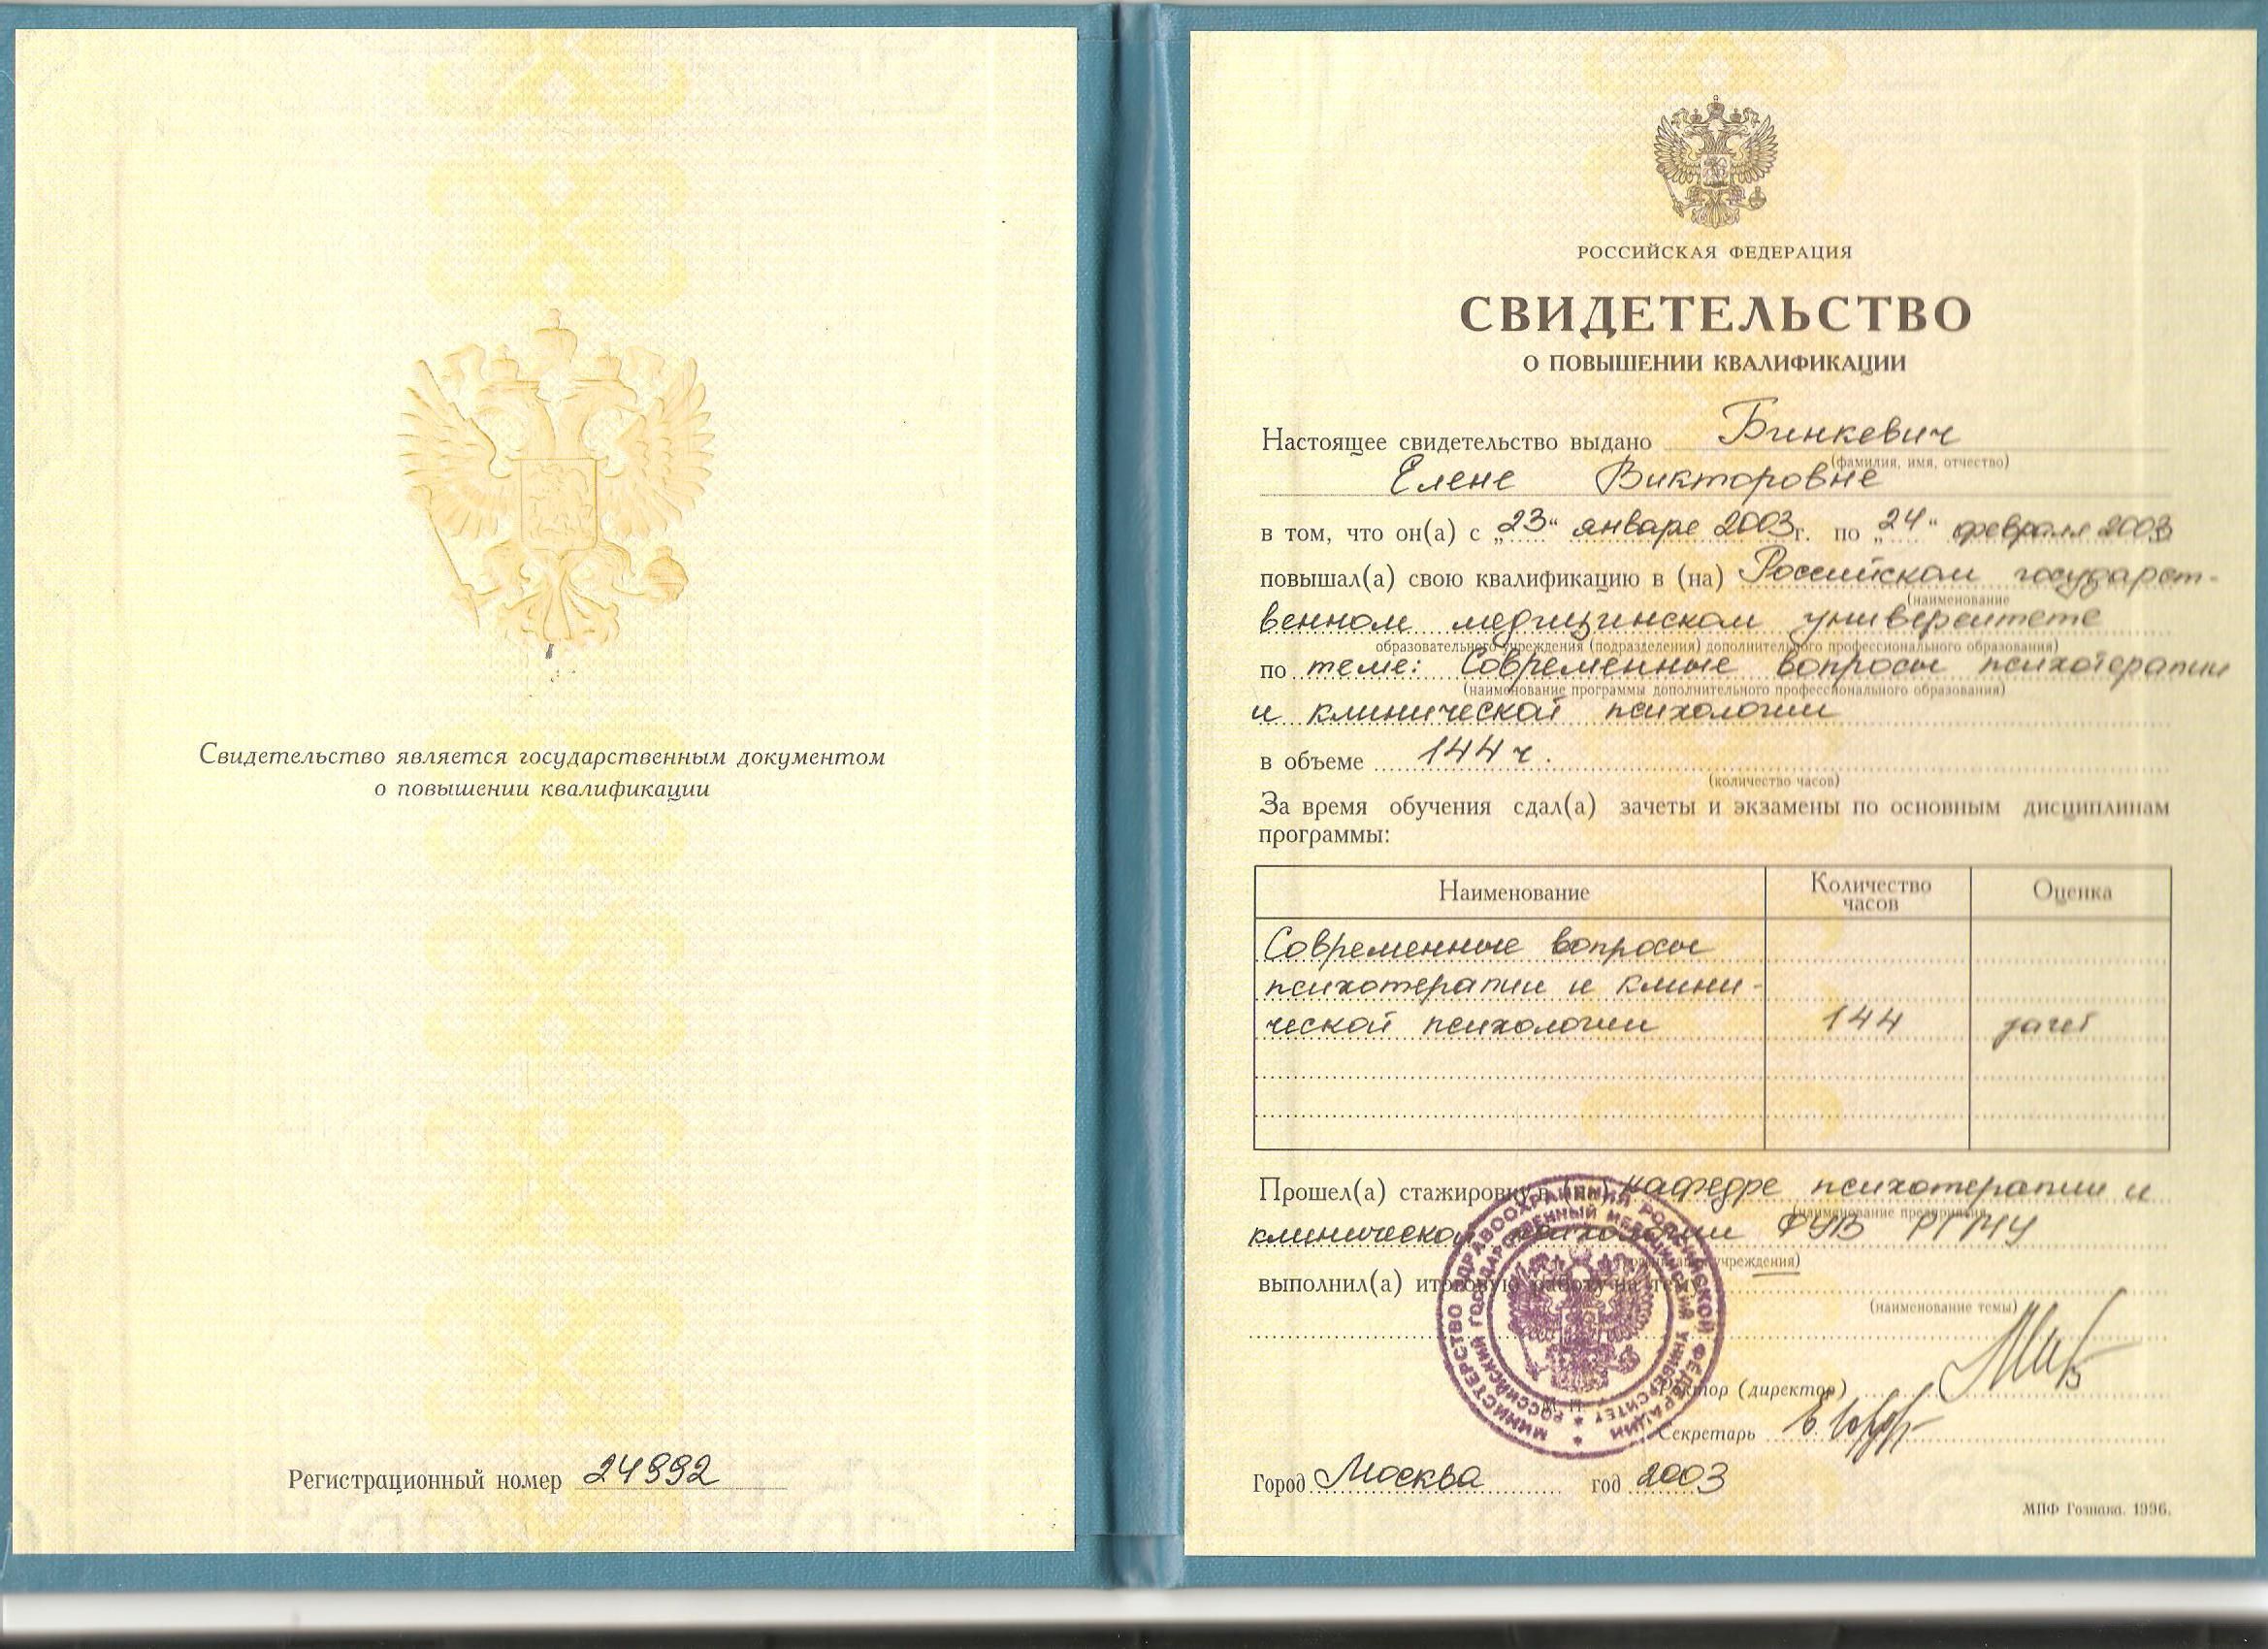 Дипломы свидетельства и сертификаты СВИДЕТЕЛЬСТВО 001